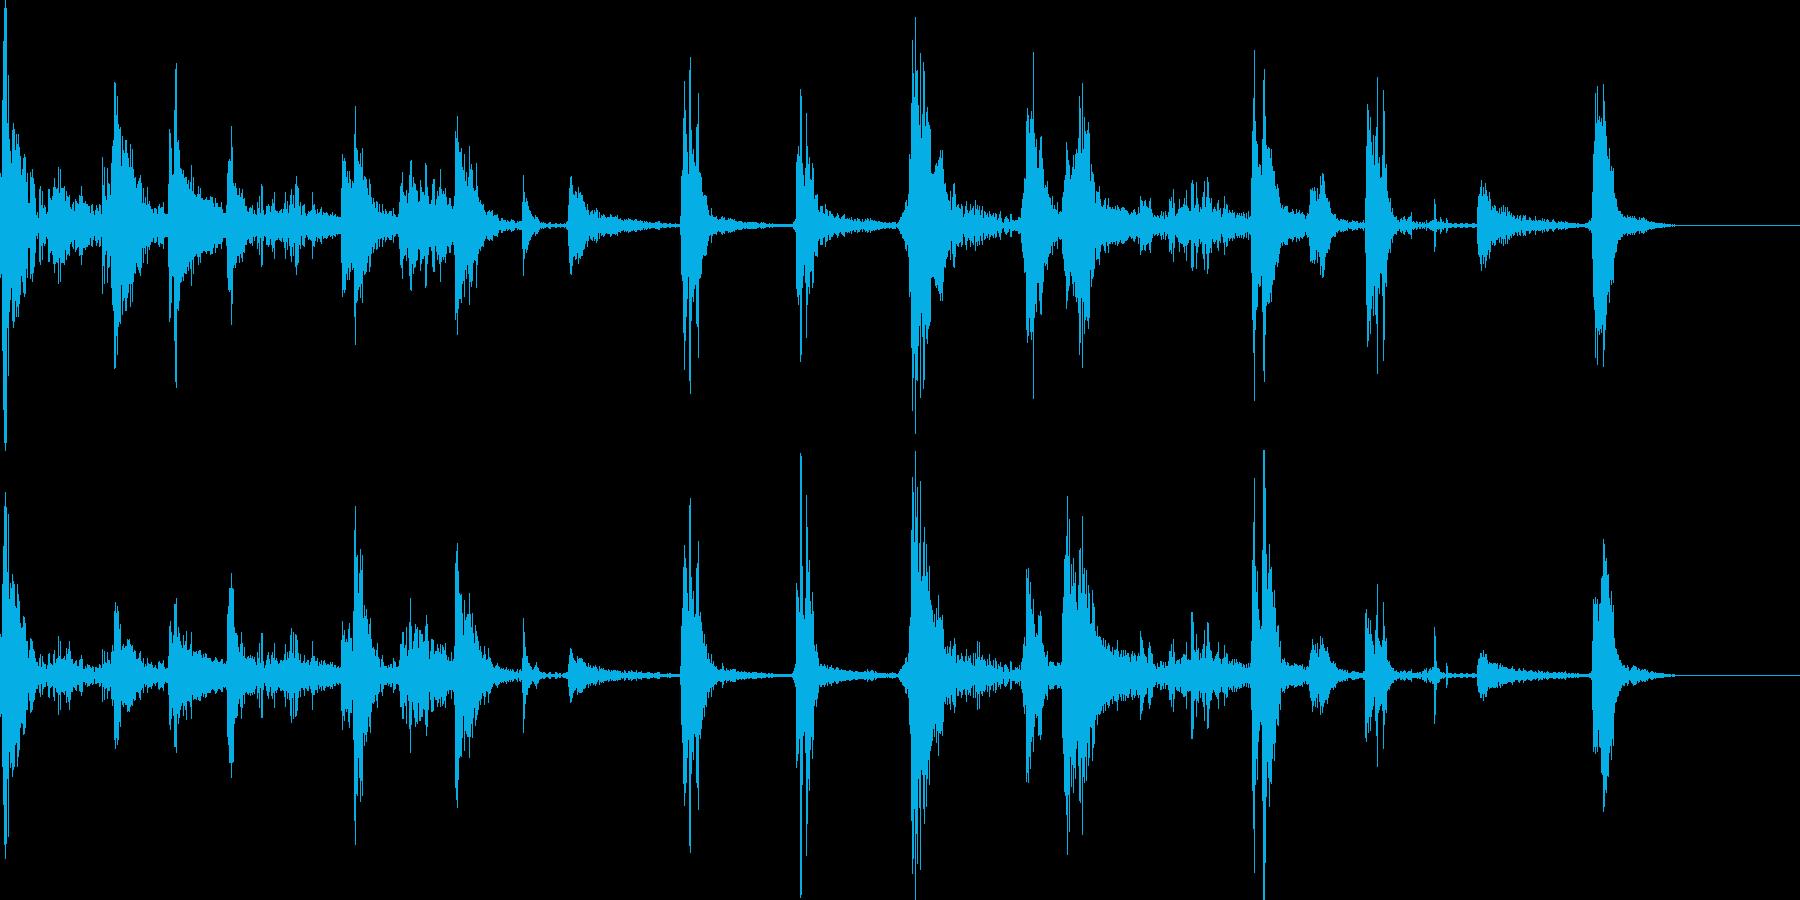 スピード感と緊張感のあるジングルの再生済みの波形